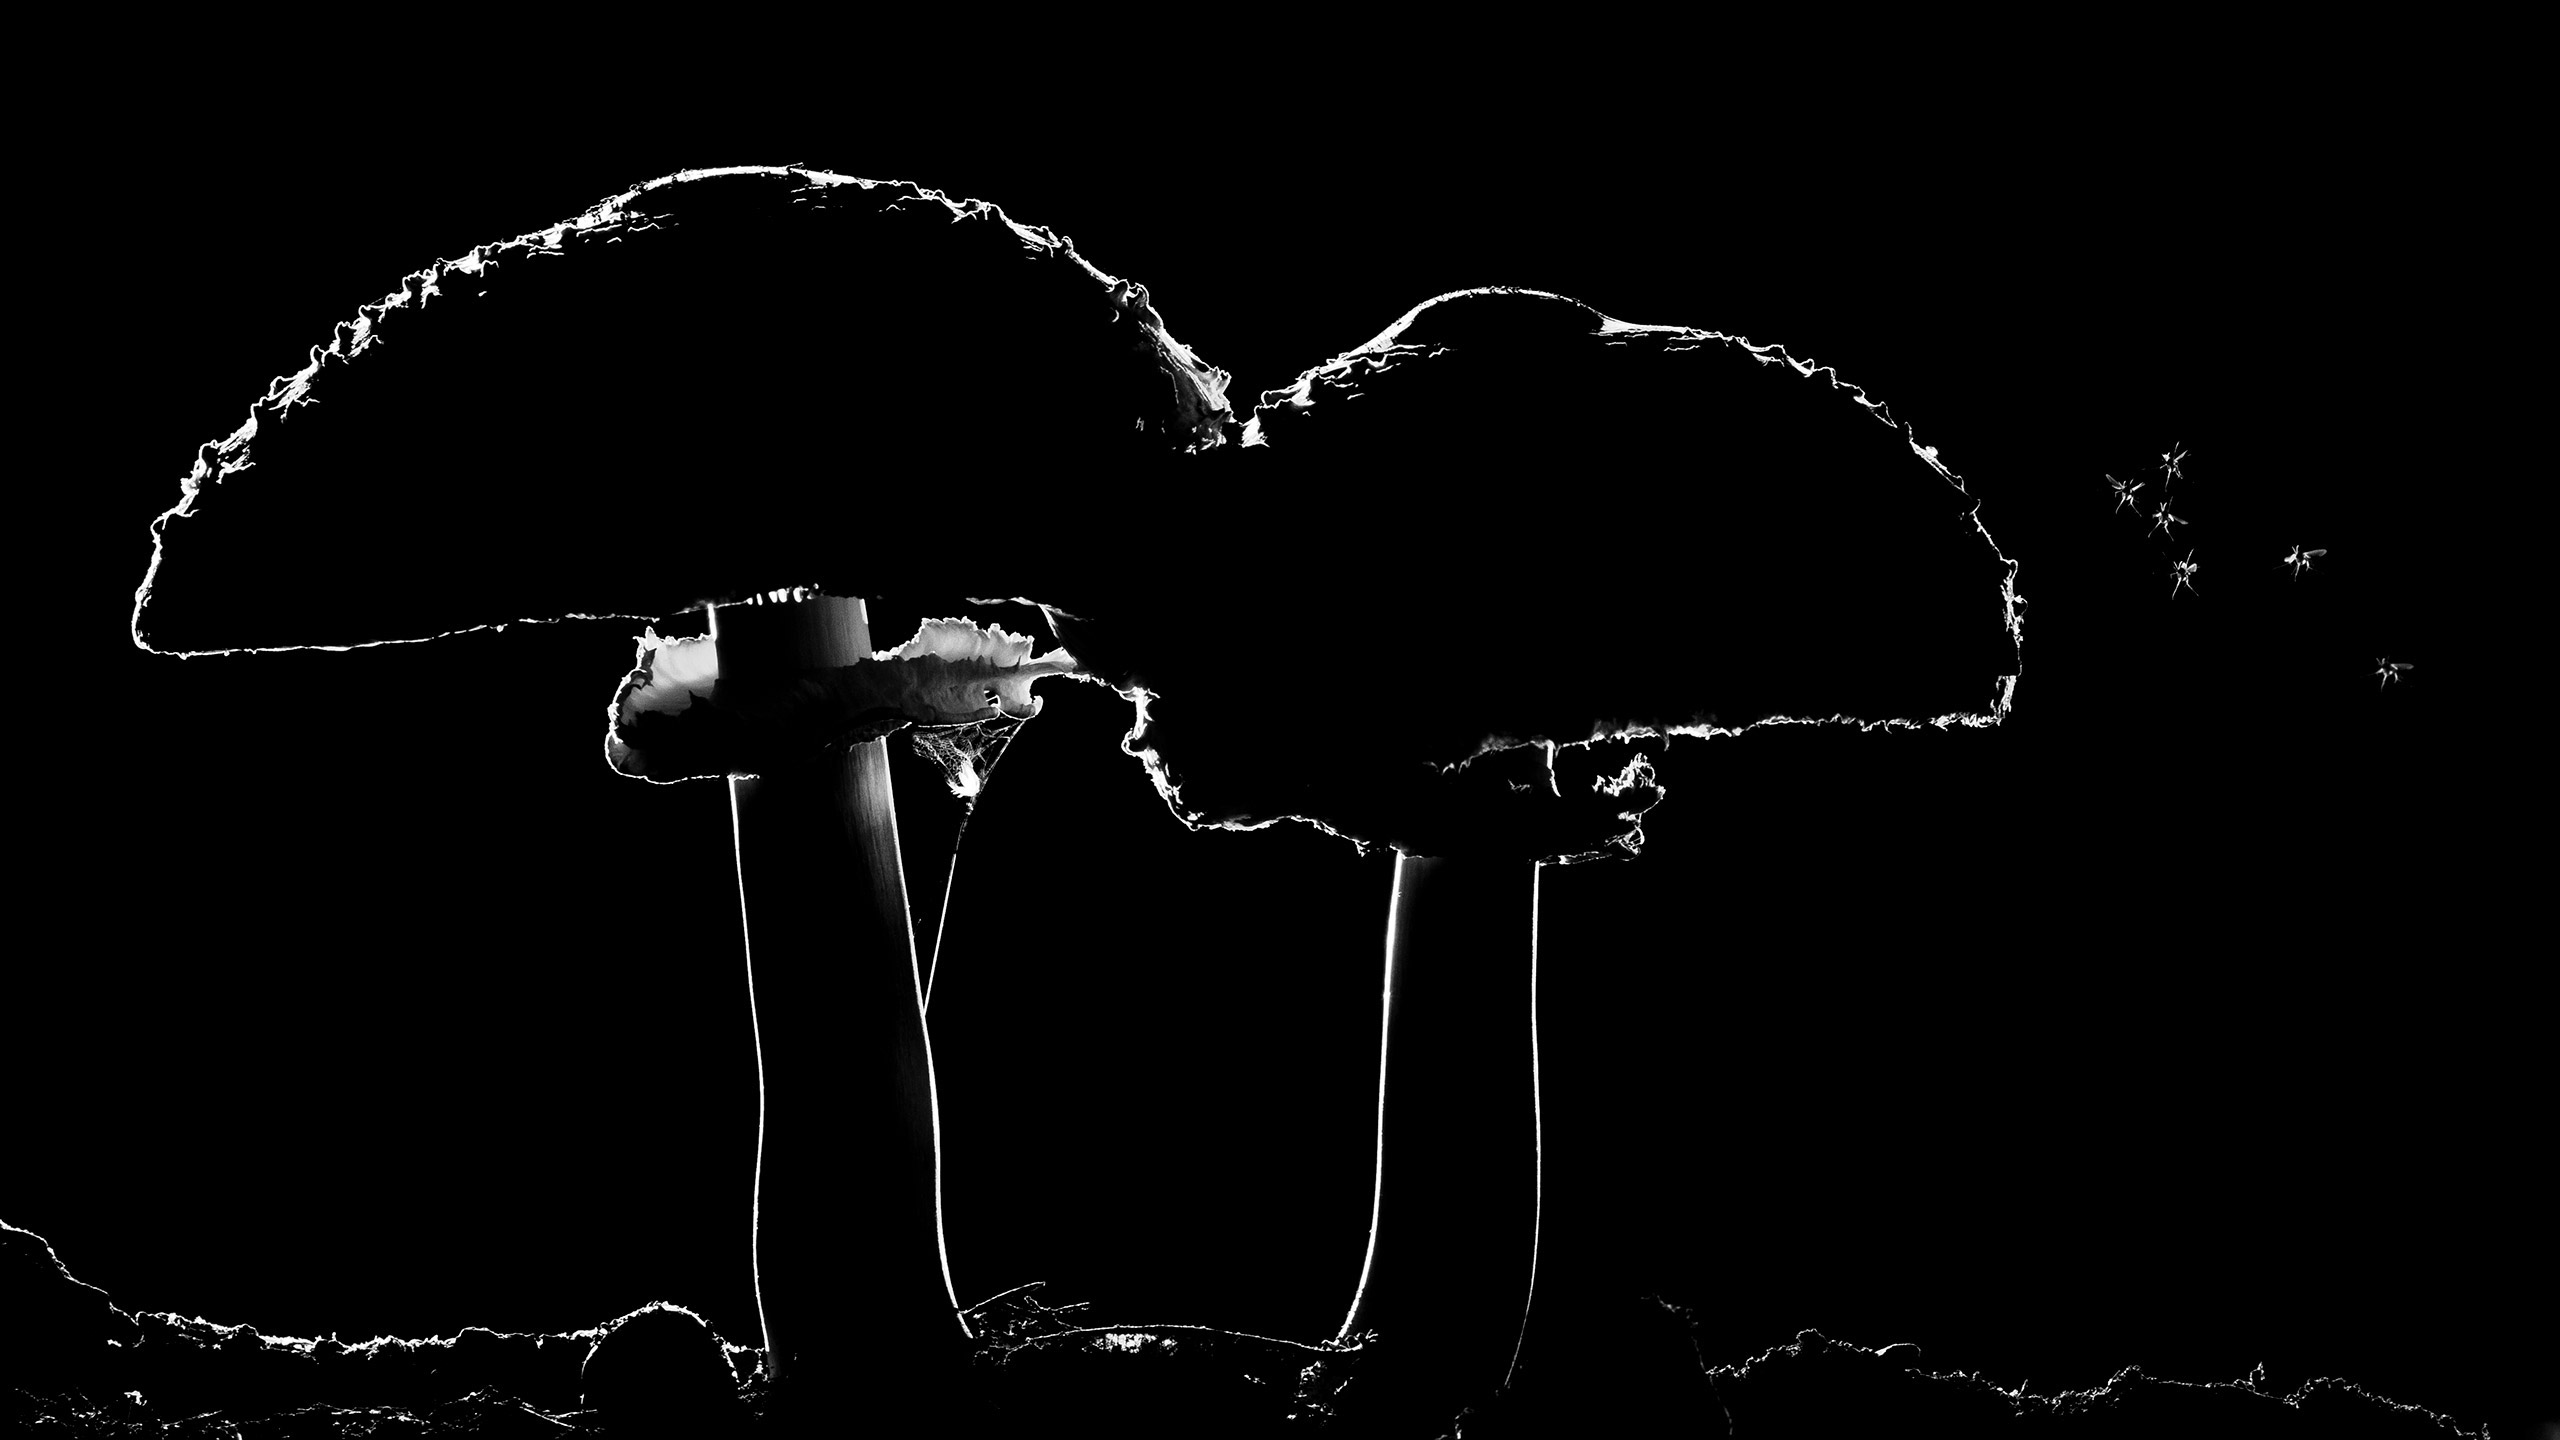 Комариные грибы, © Цаба Гонье, Победитель, Фотоконкурс «Золотая Черепаха»